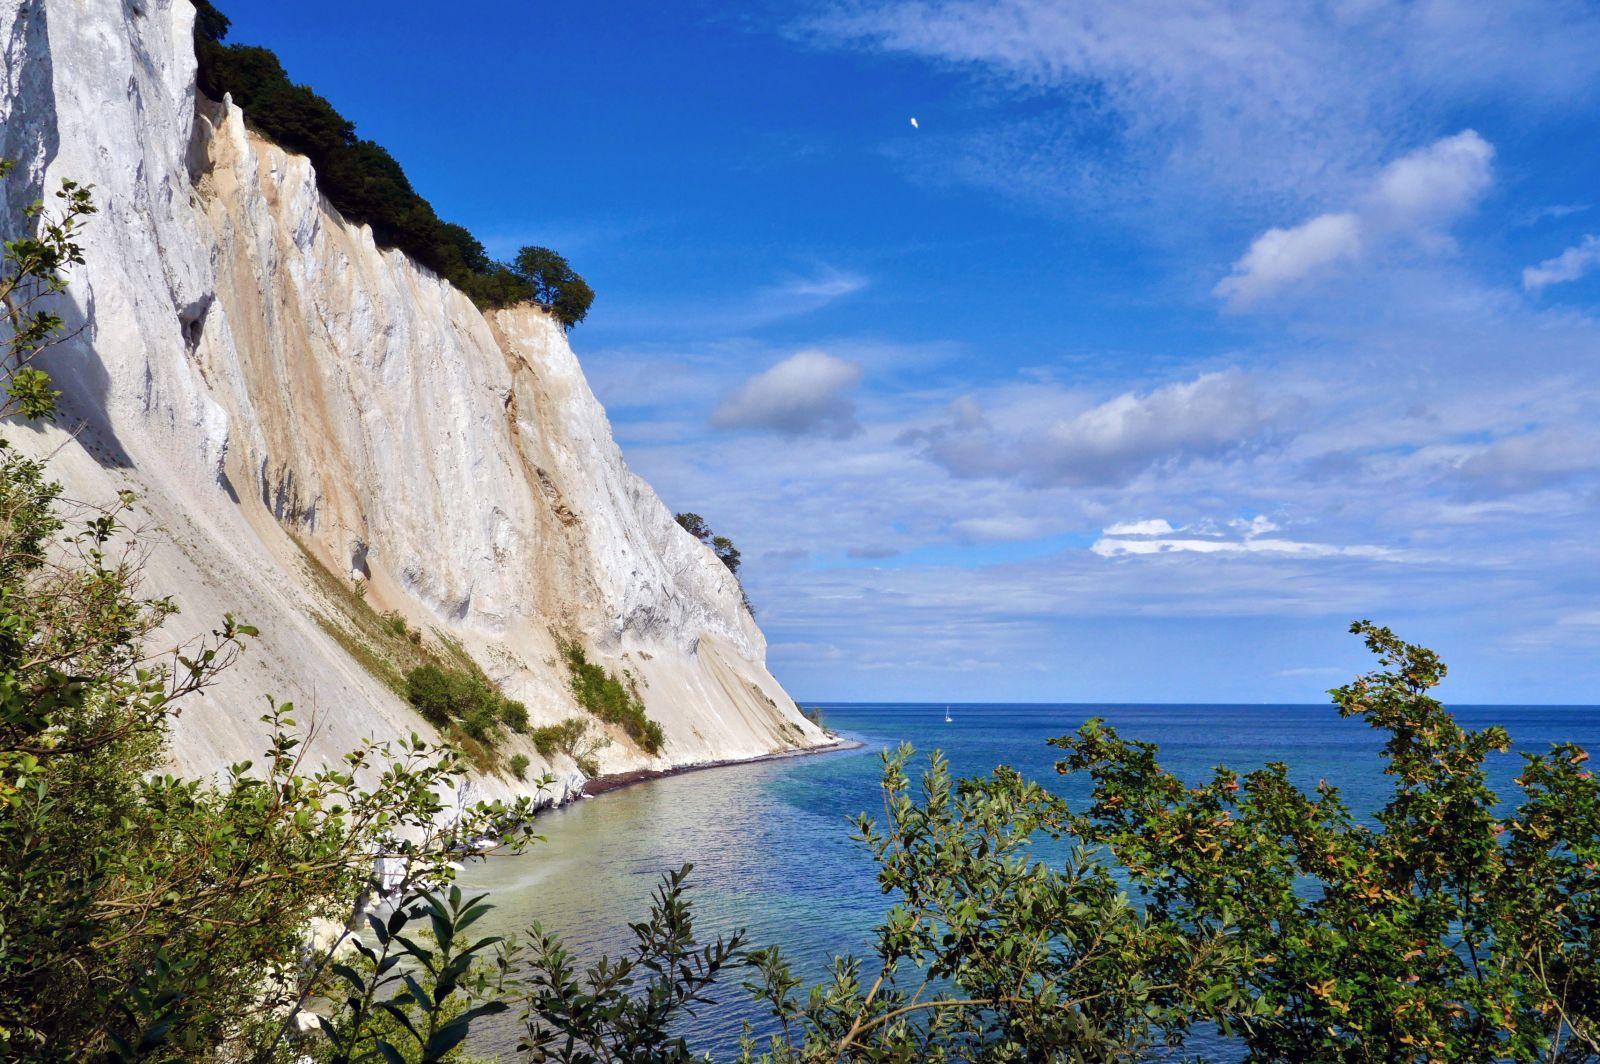 Vom Wasser aus hat man den besten Blick auf die etwa 130 Meter hohe Steilküste der Insel Møn. ©Manel Vinuesa/AdobeStock